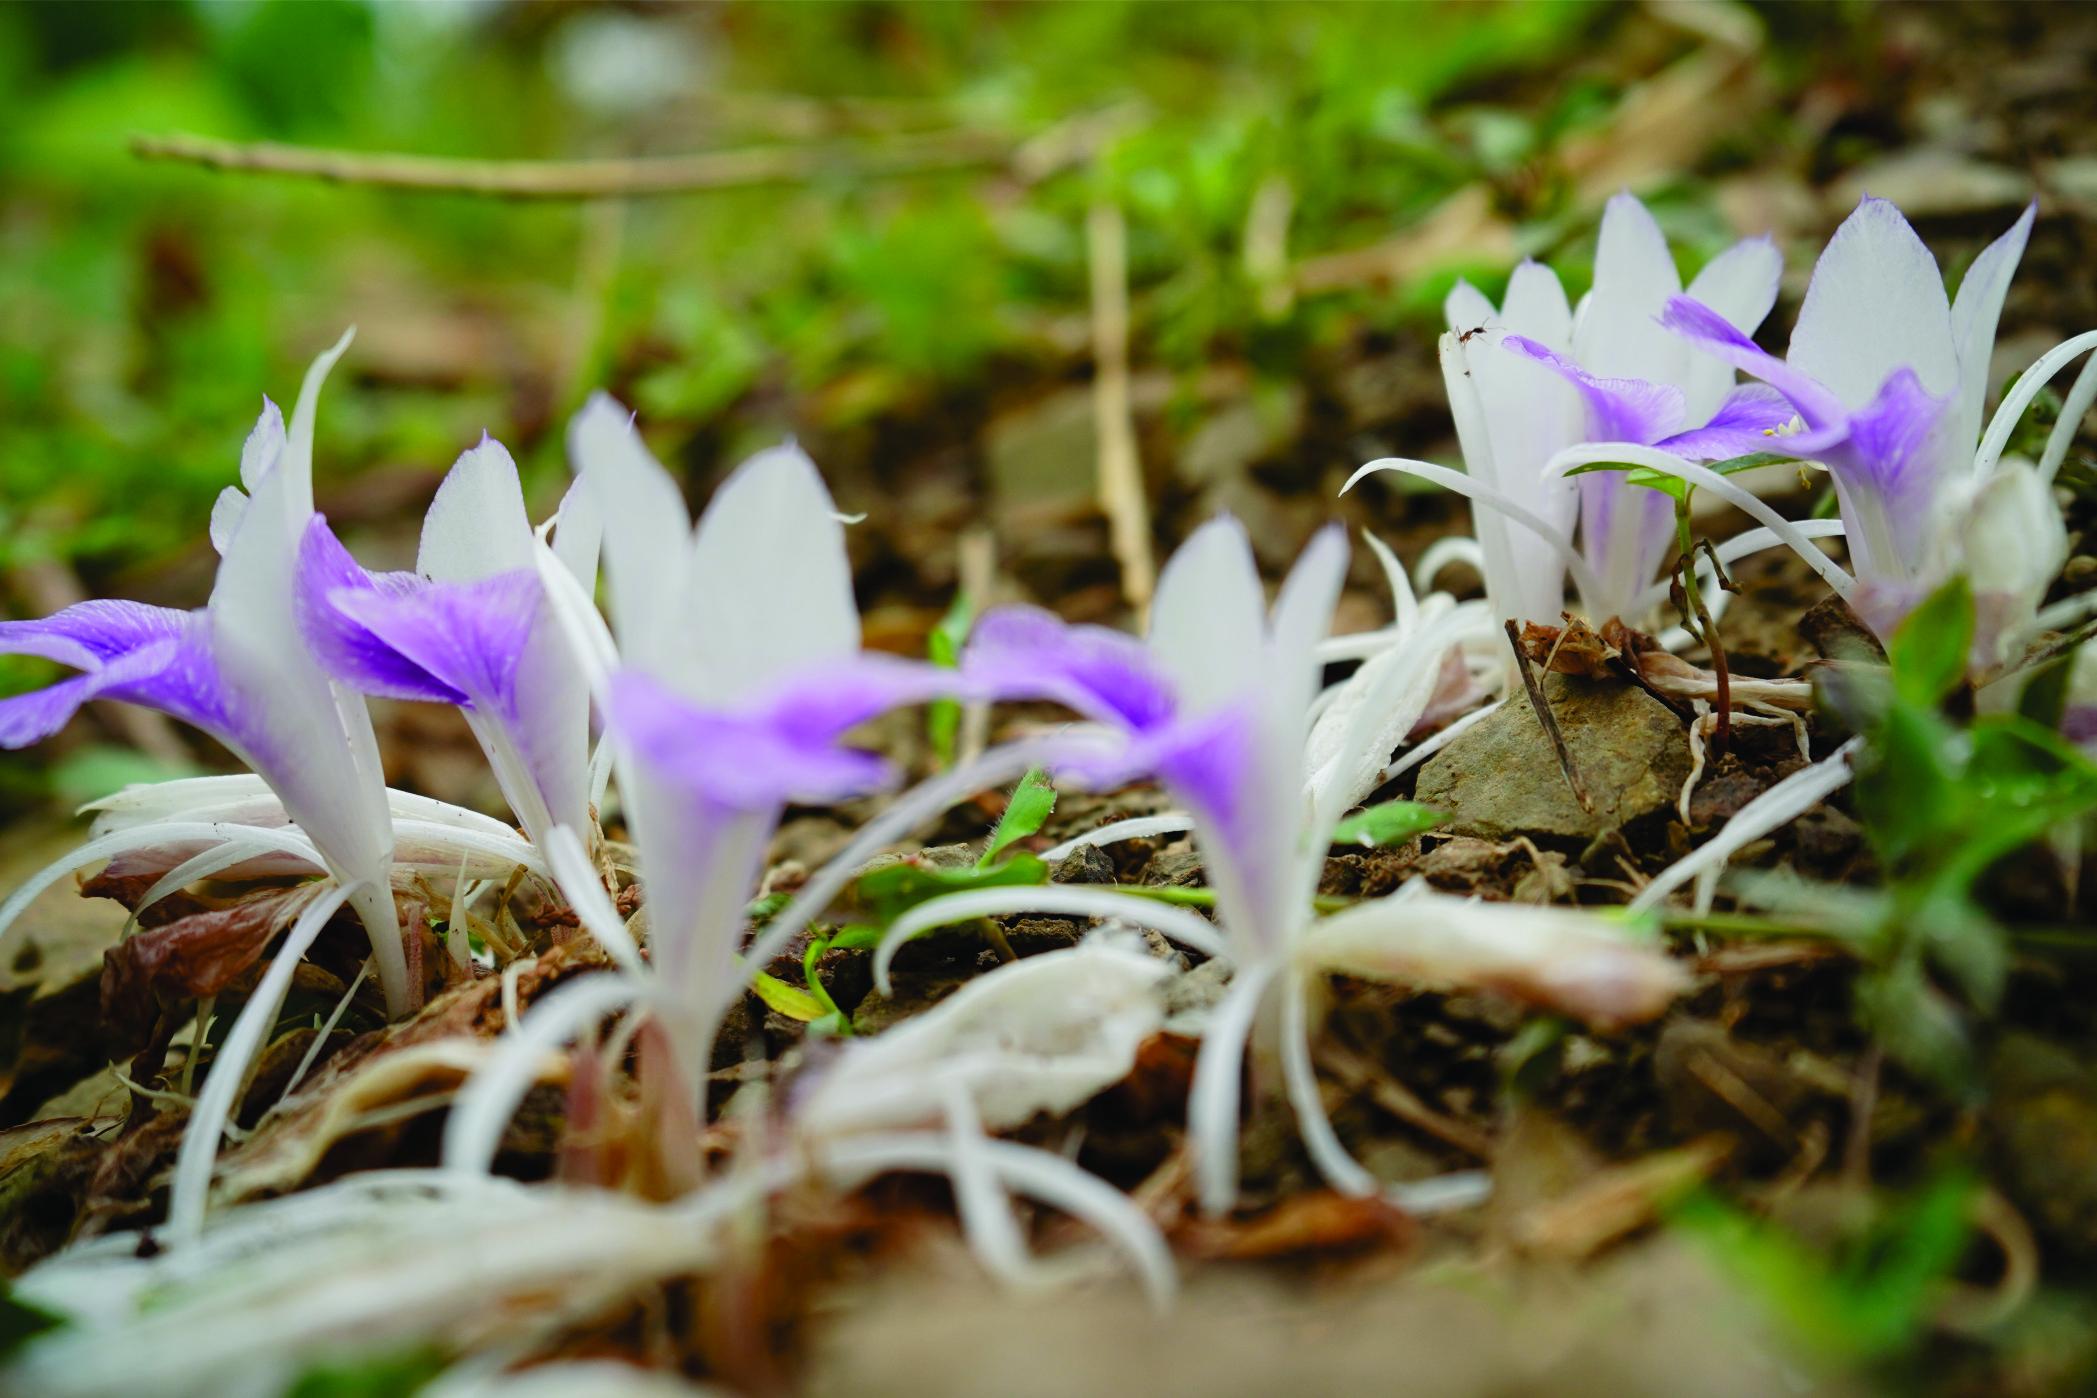 'लकडाउन : माङसेबुङ परिसरमा फुलेका फुलहरु (फोटो फिचर सहित)